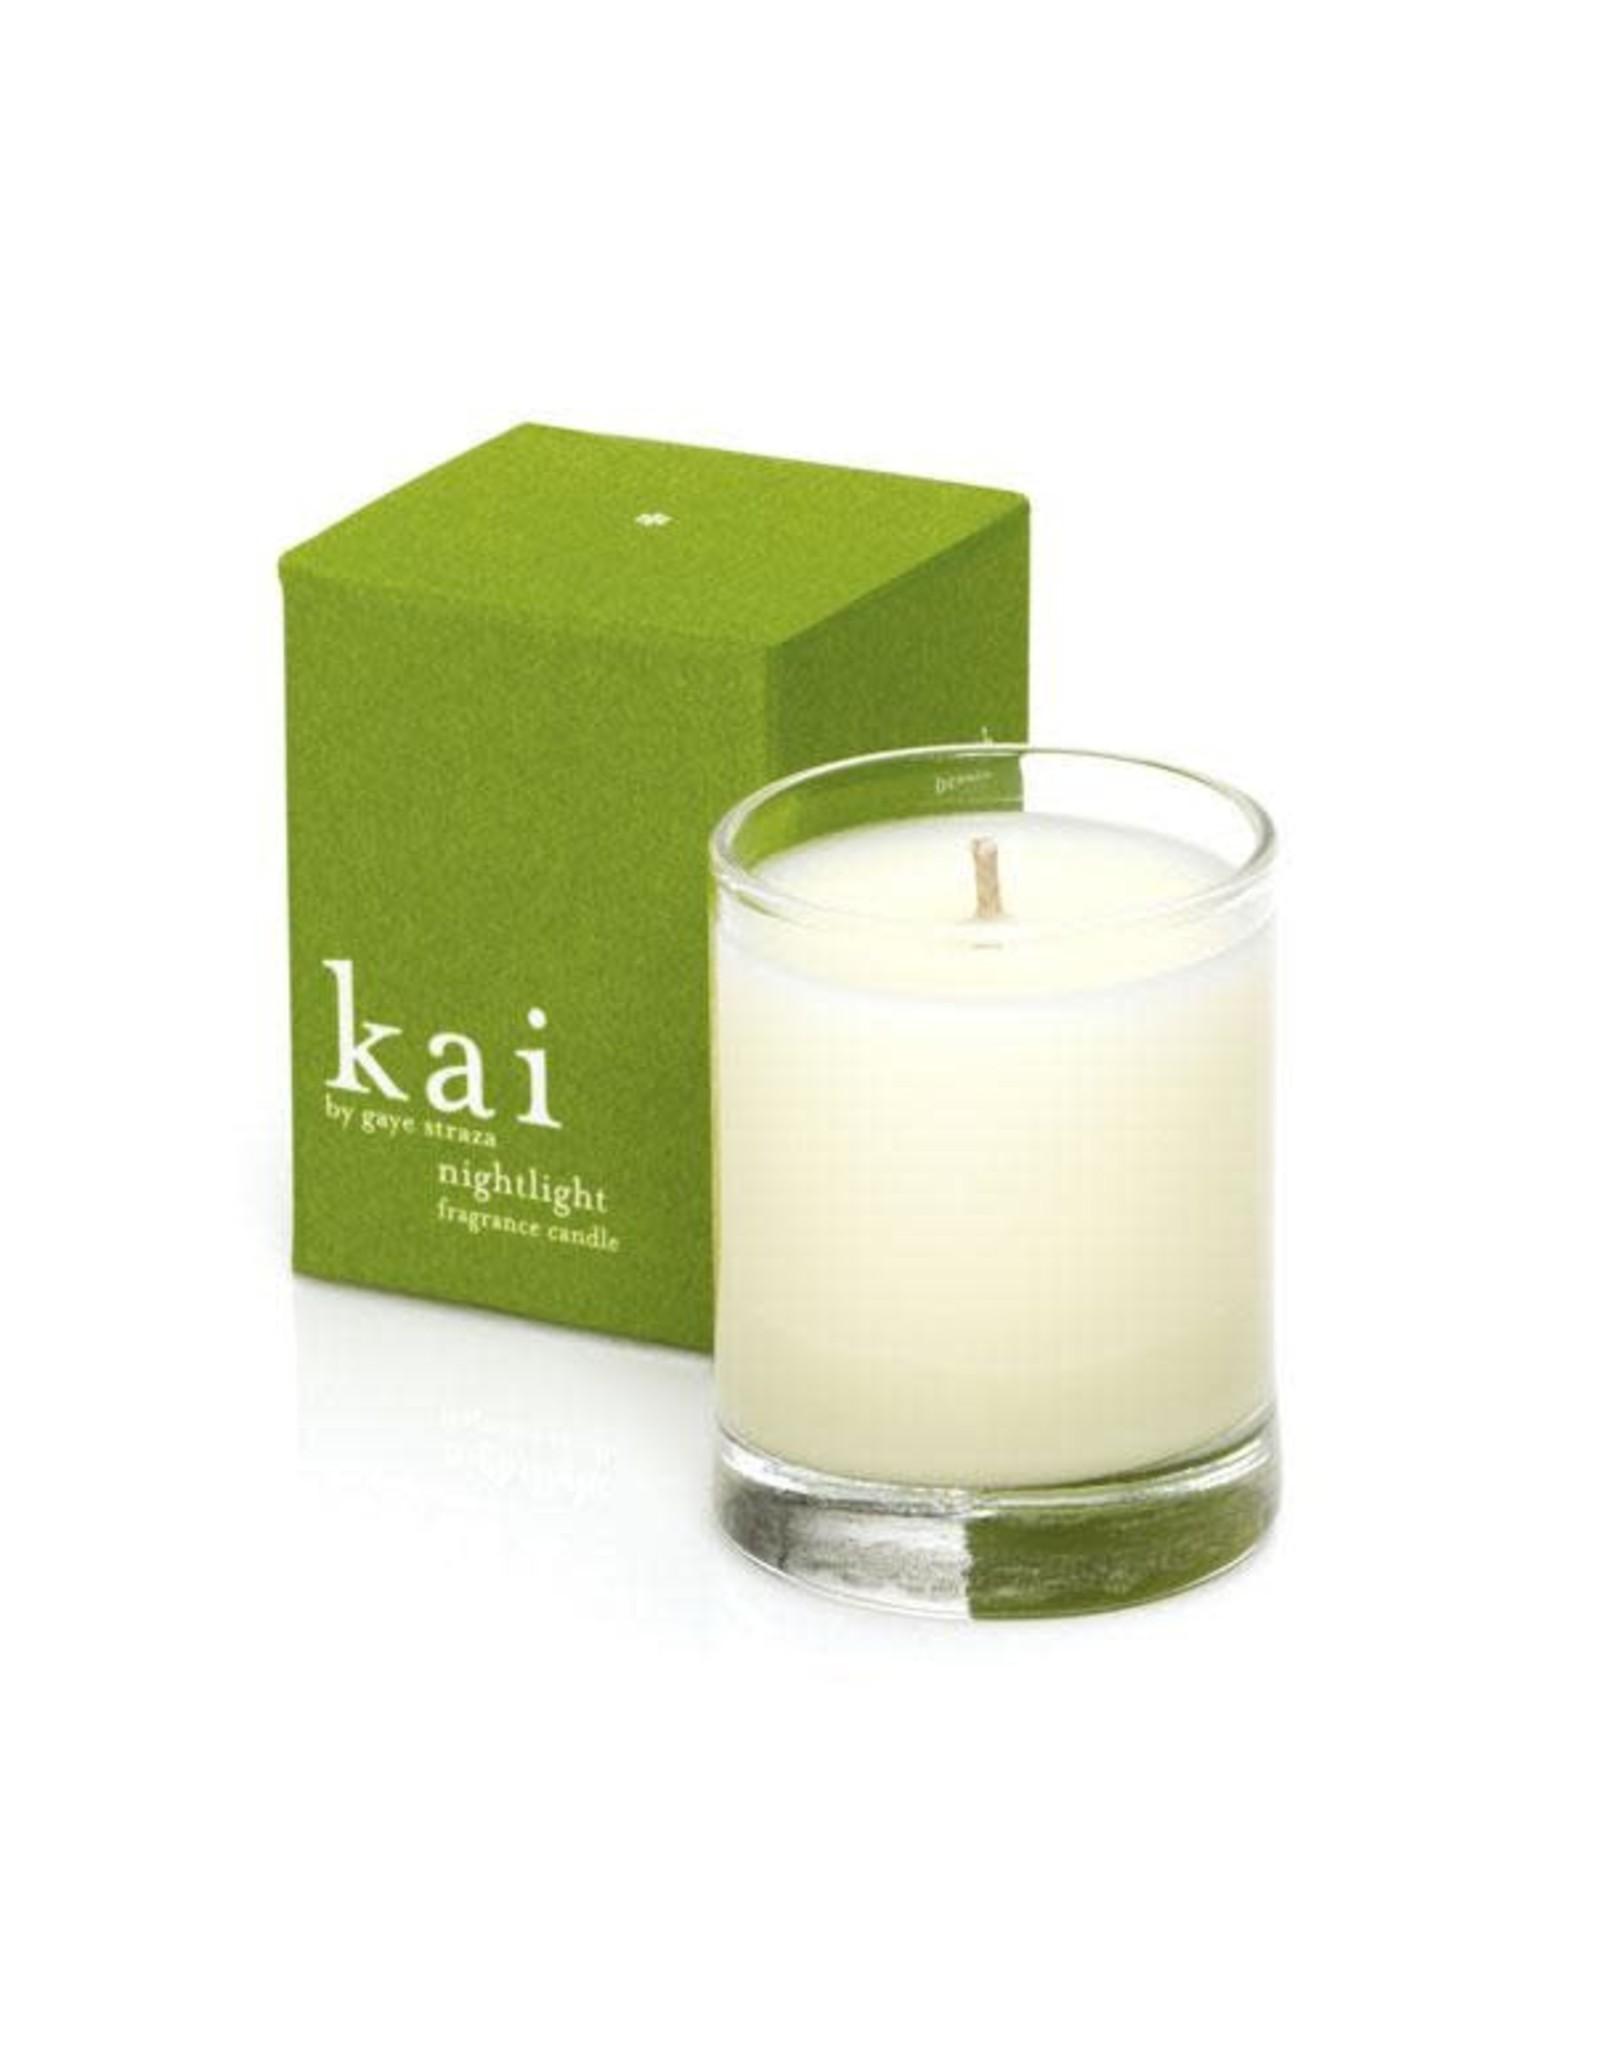 Kai Nightlight Fragrance Candle   Kai